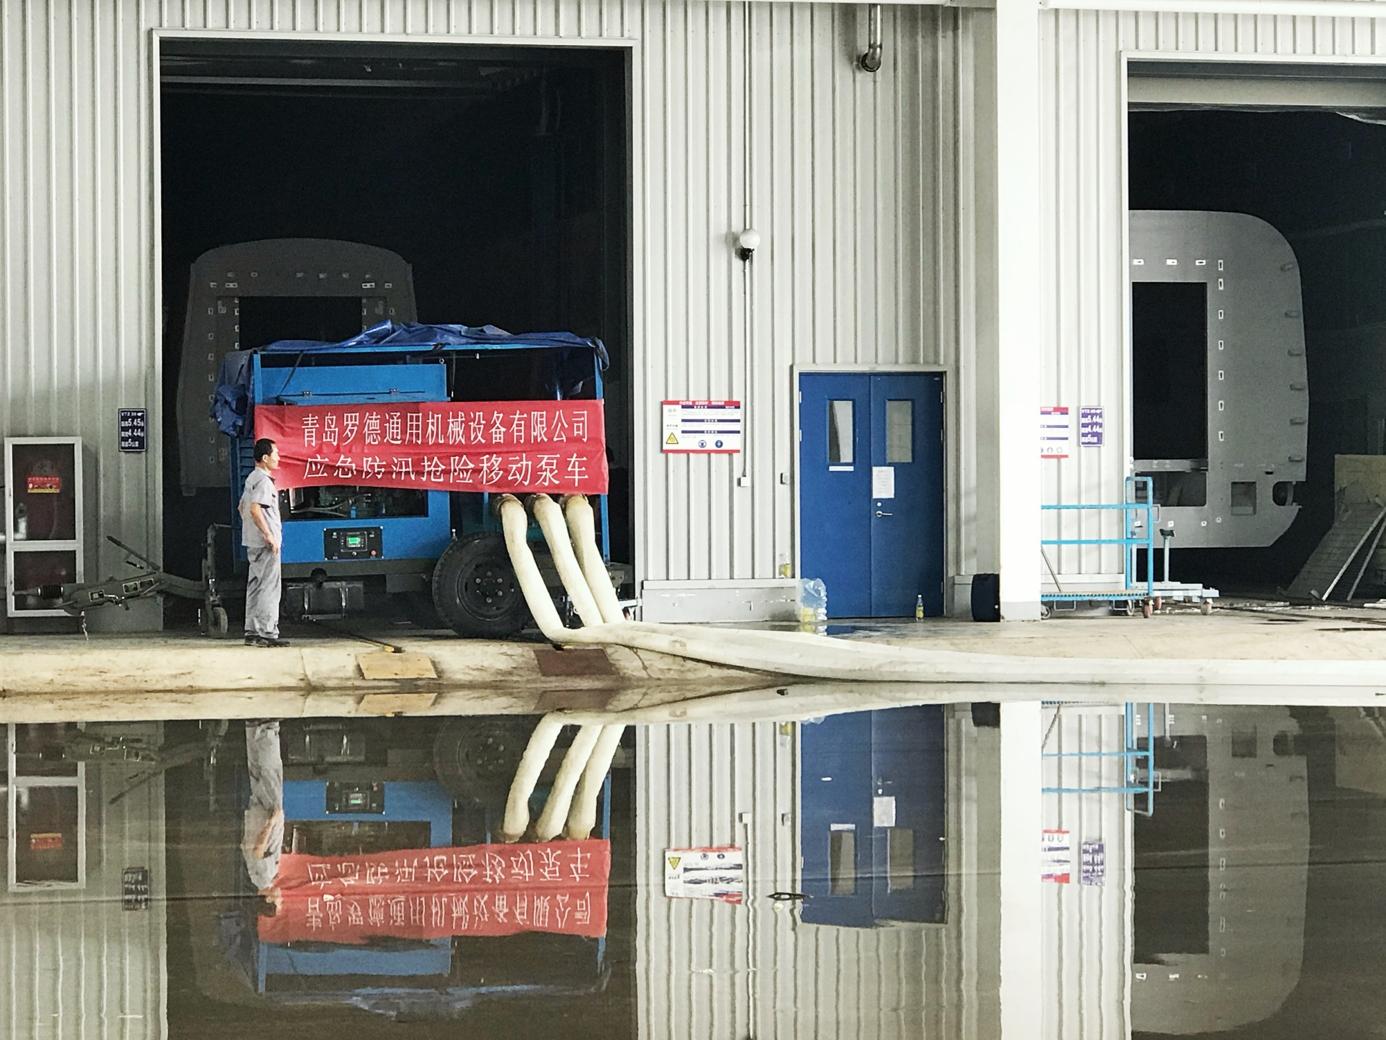 大流量转子泵移动泵车助力庞巴迪抢排厂区积水